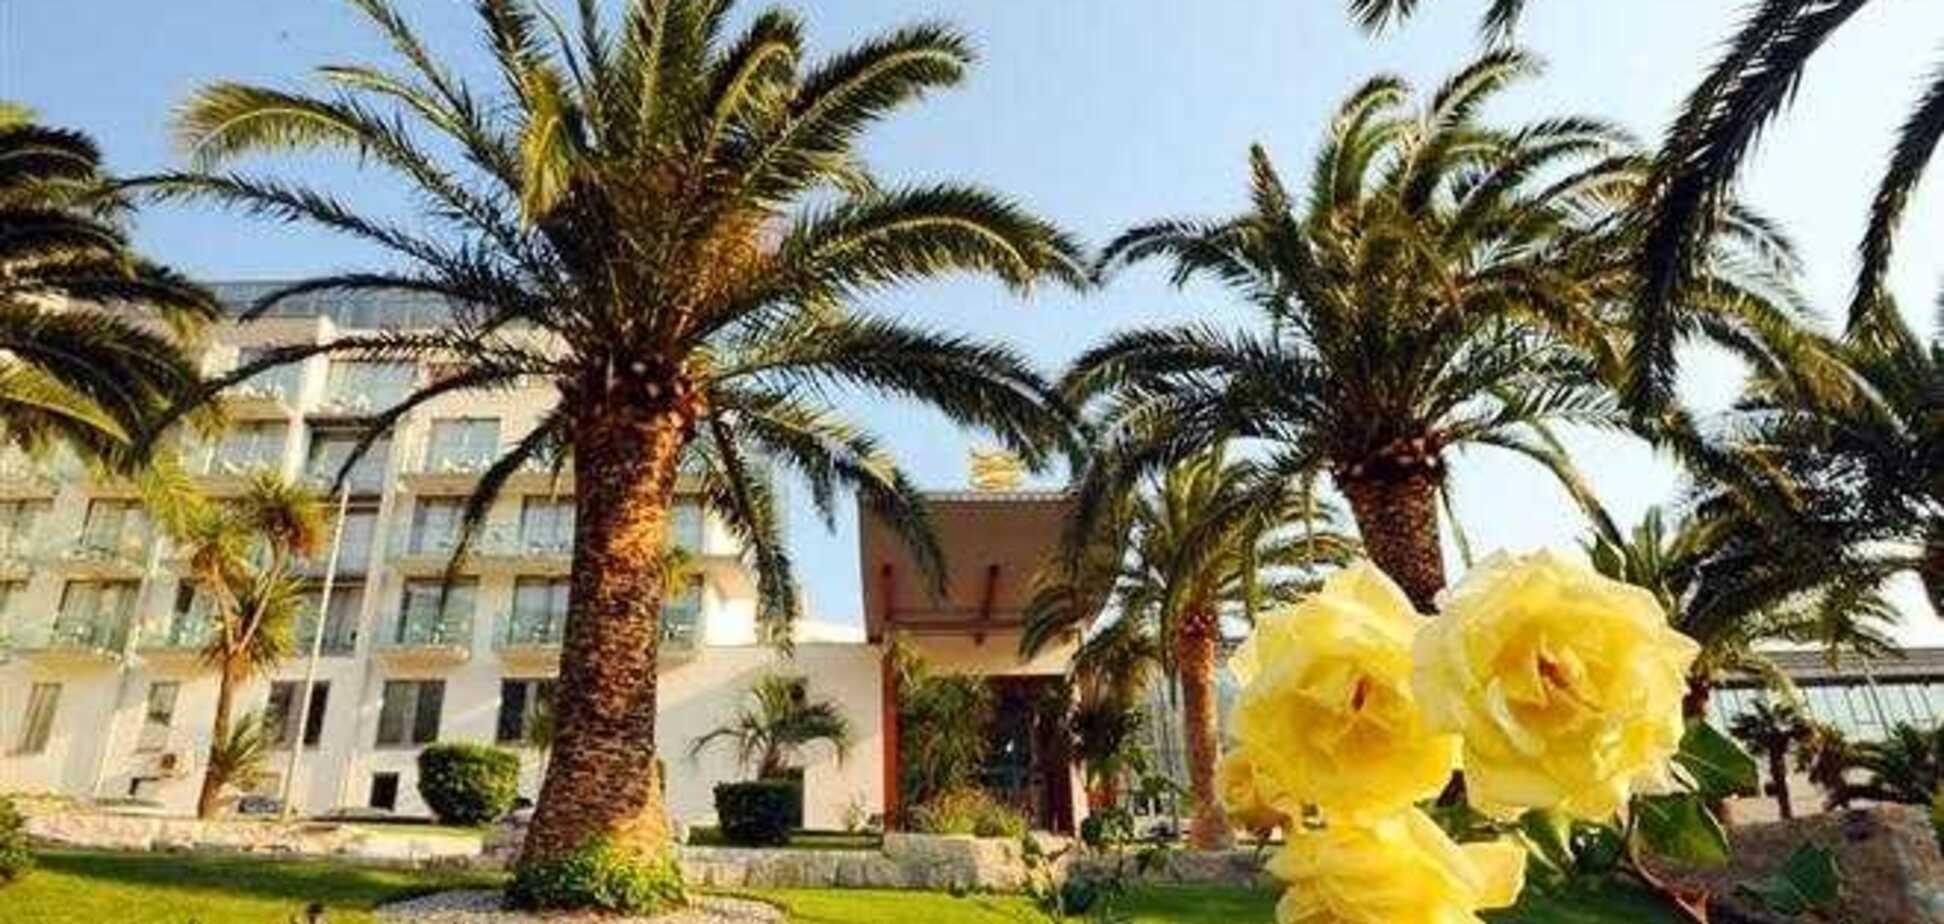 OTP Group хочет купить отель Queen of Montenegro из-за долгов российских заемщиков